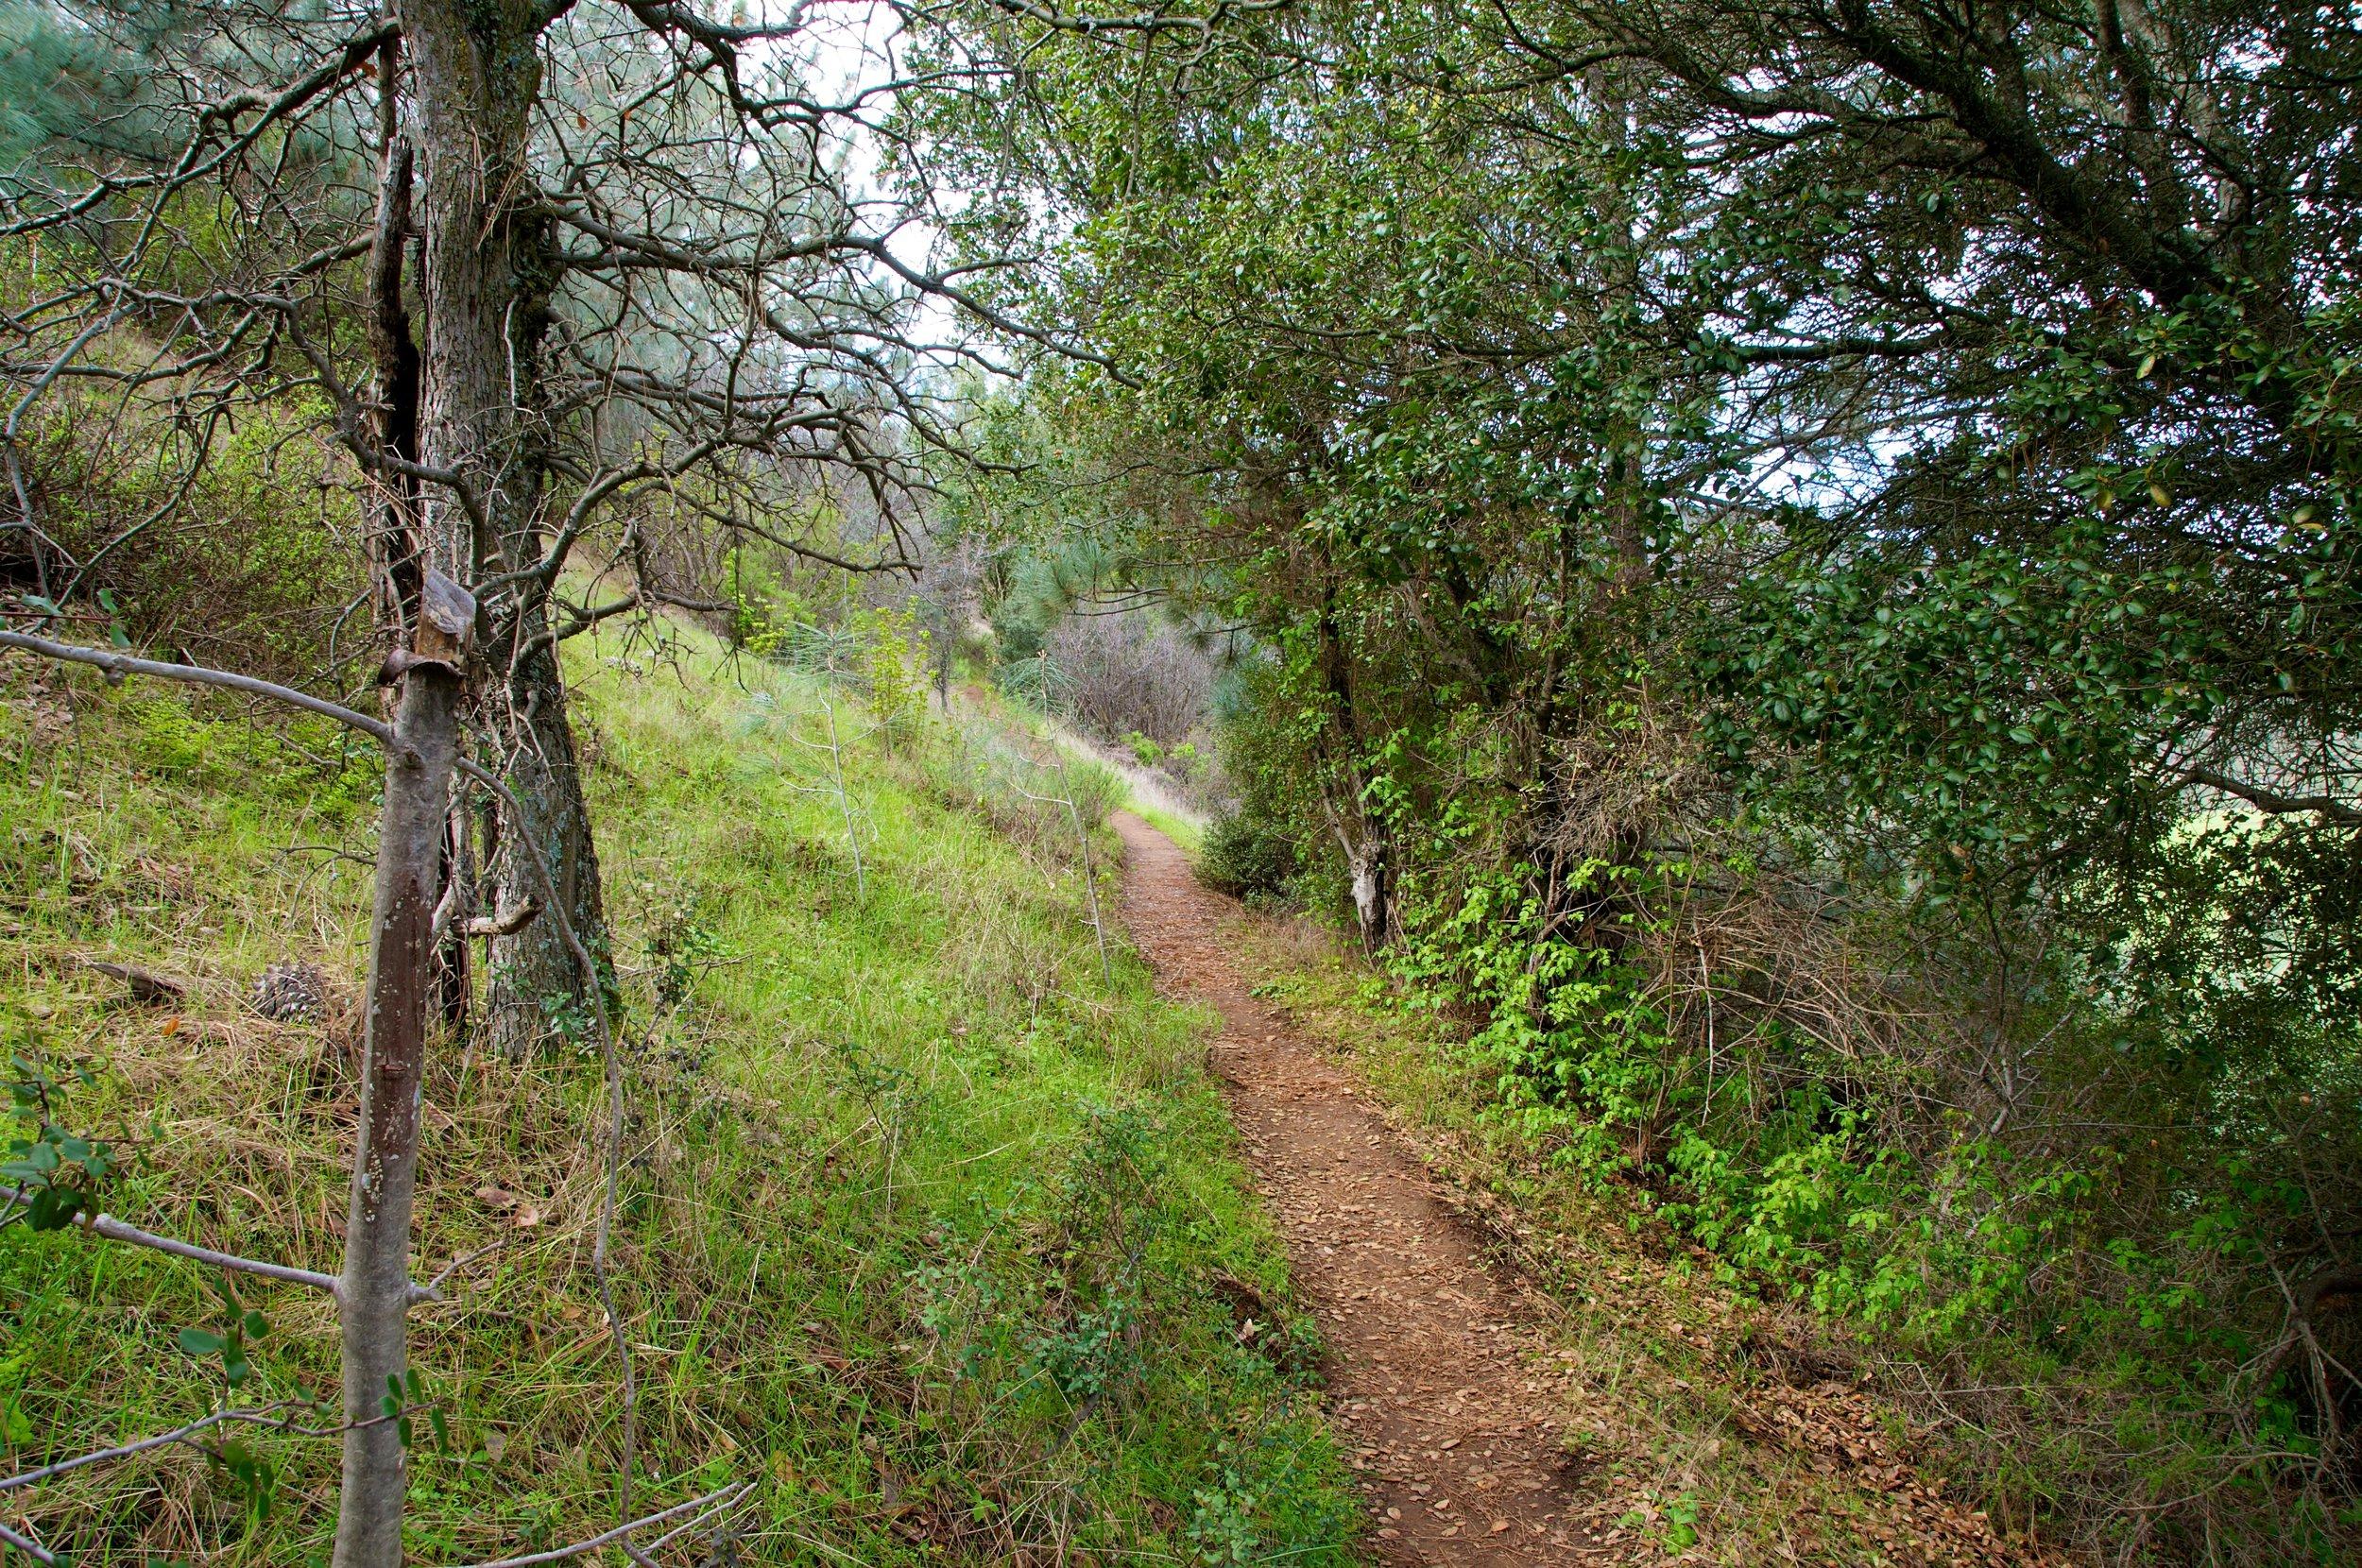 Mt. Diablo Hike 2_12_2011 - 2011-02-21 at 10-47-20.jpg